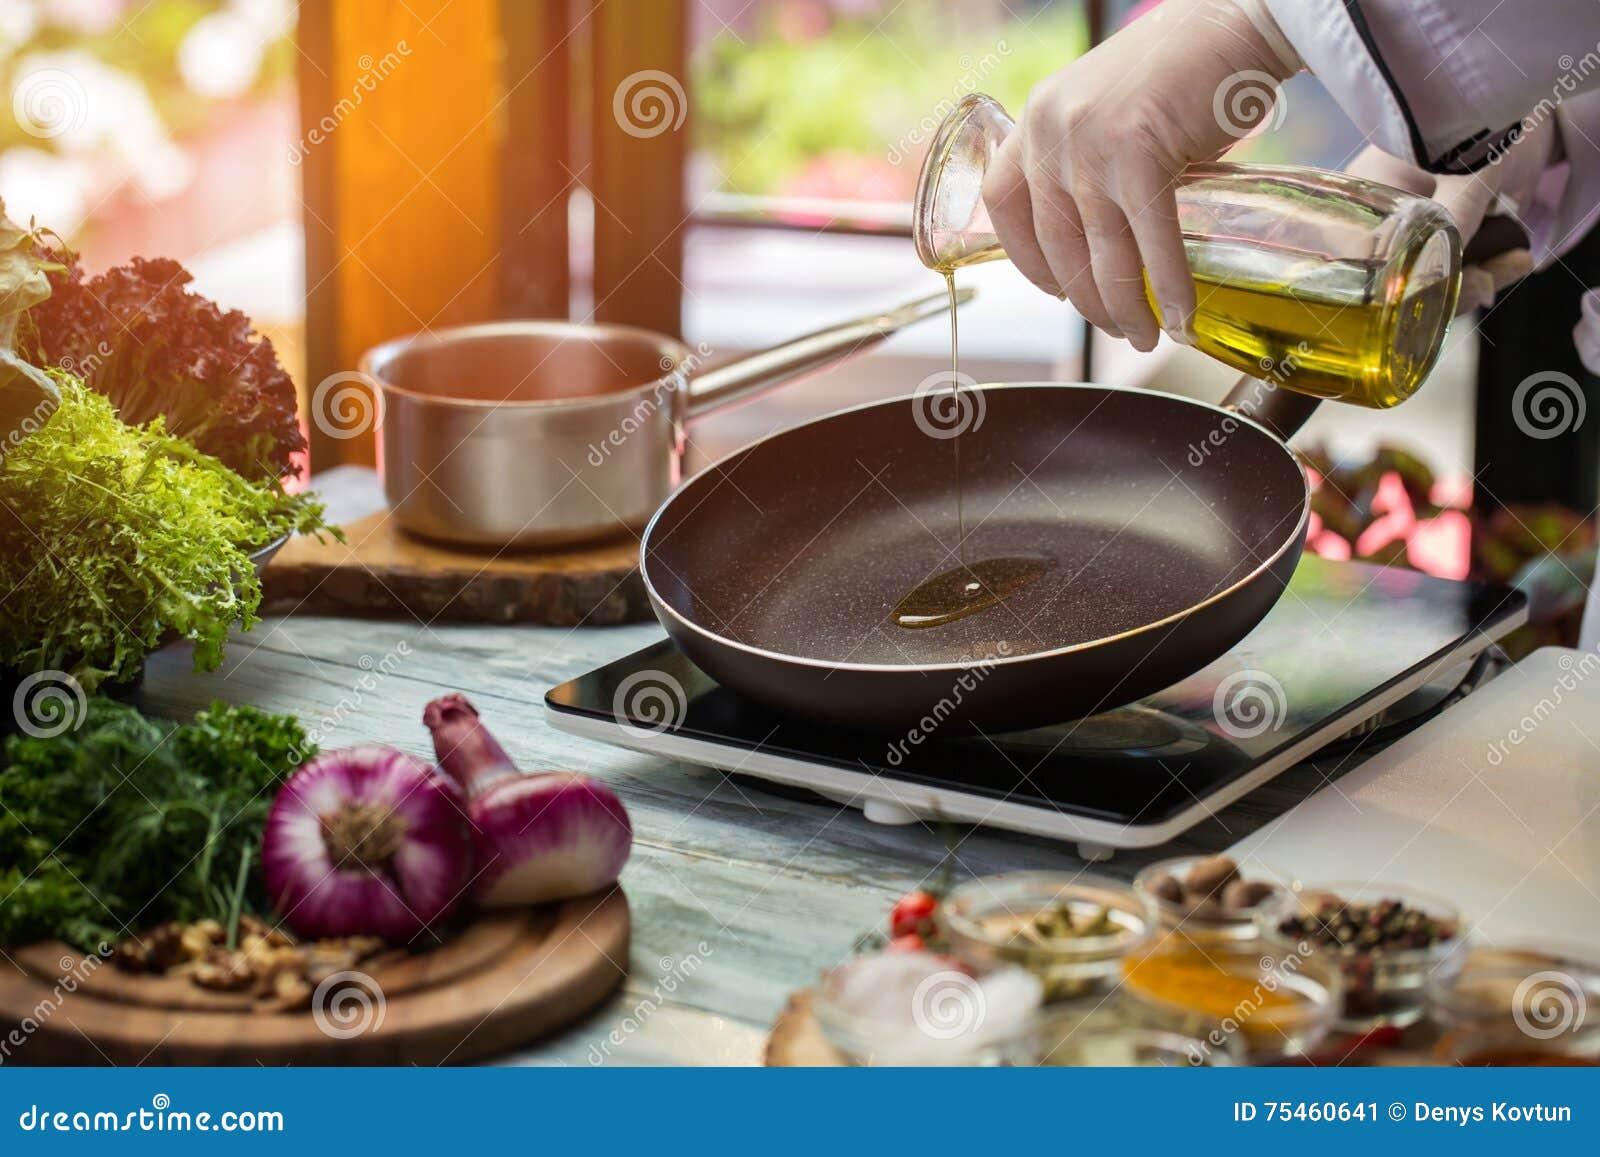 La cruche verse le liquide sur la casserole